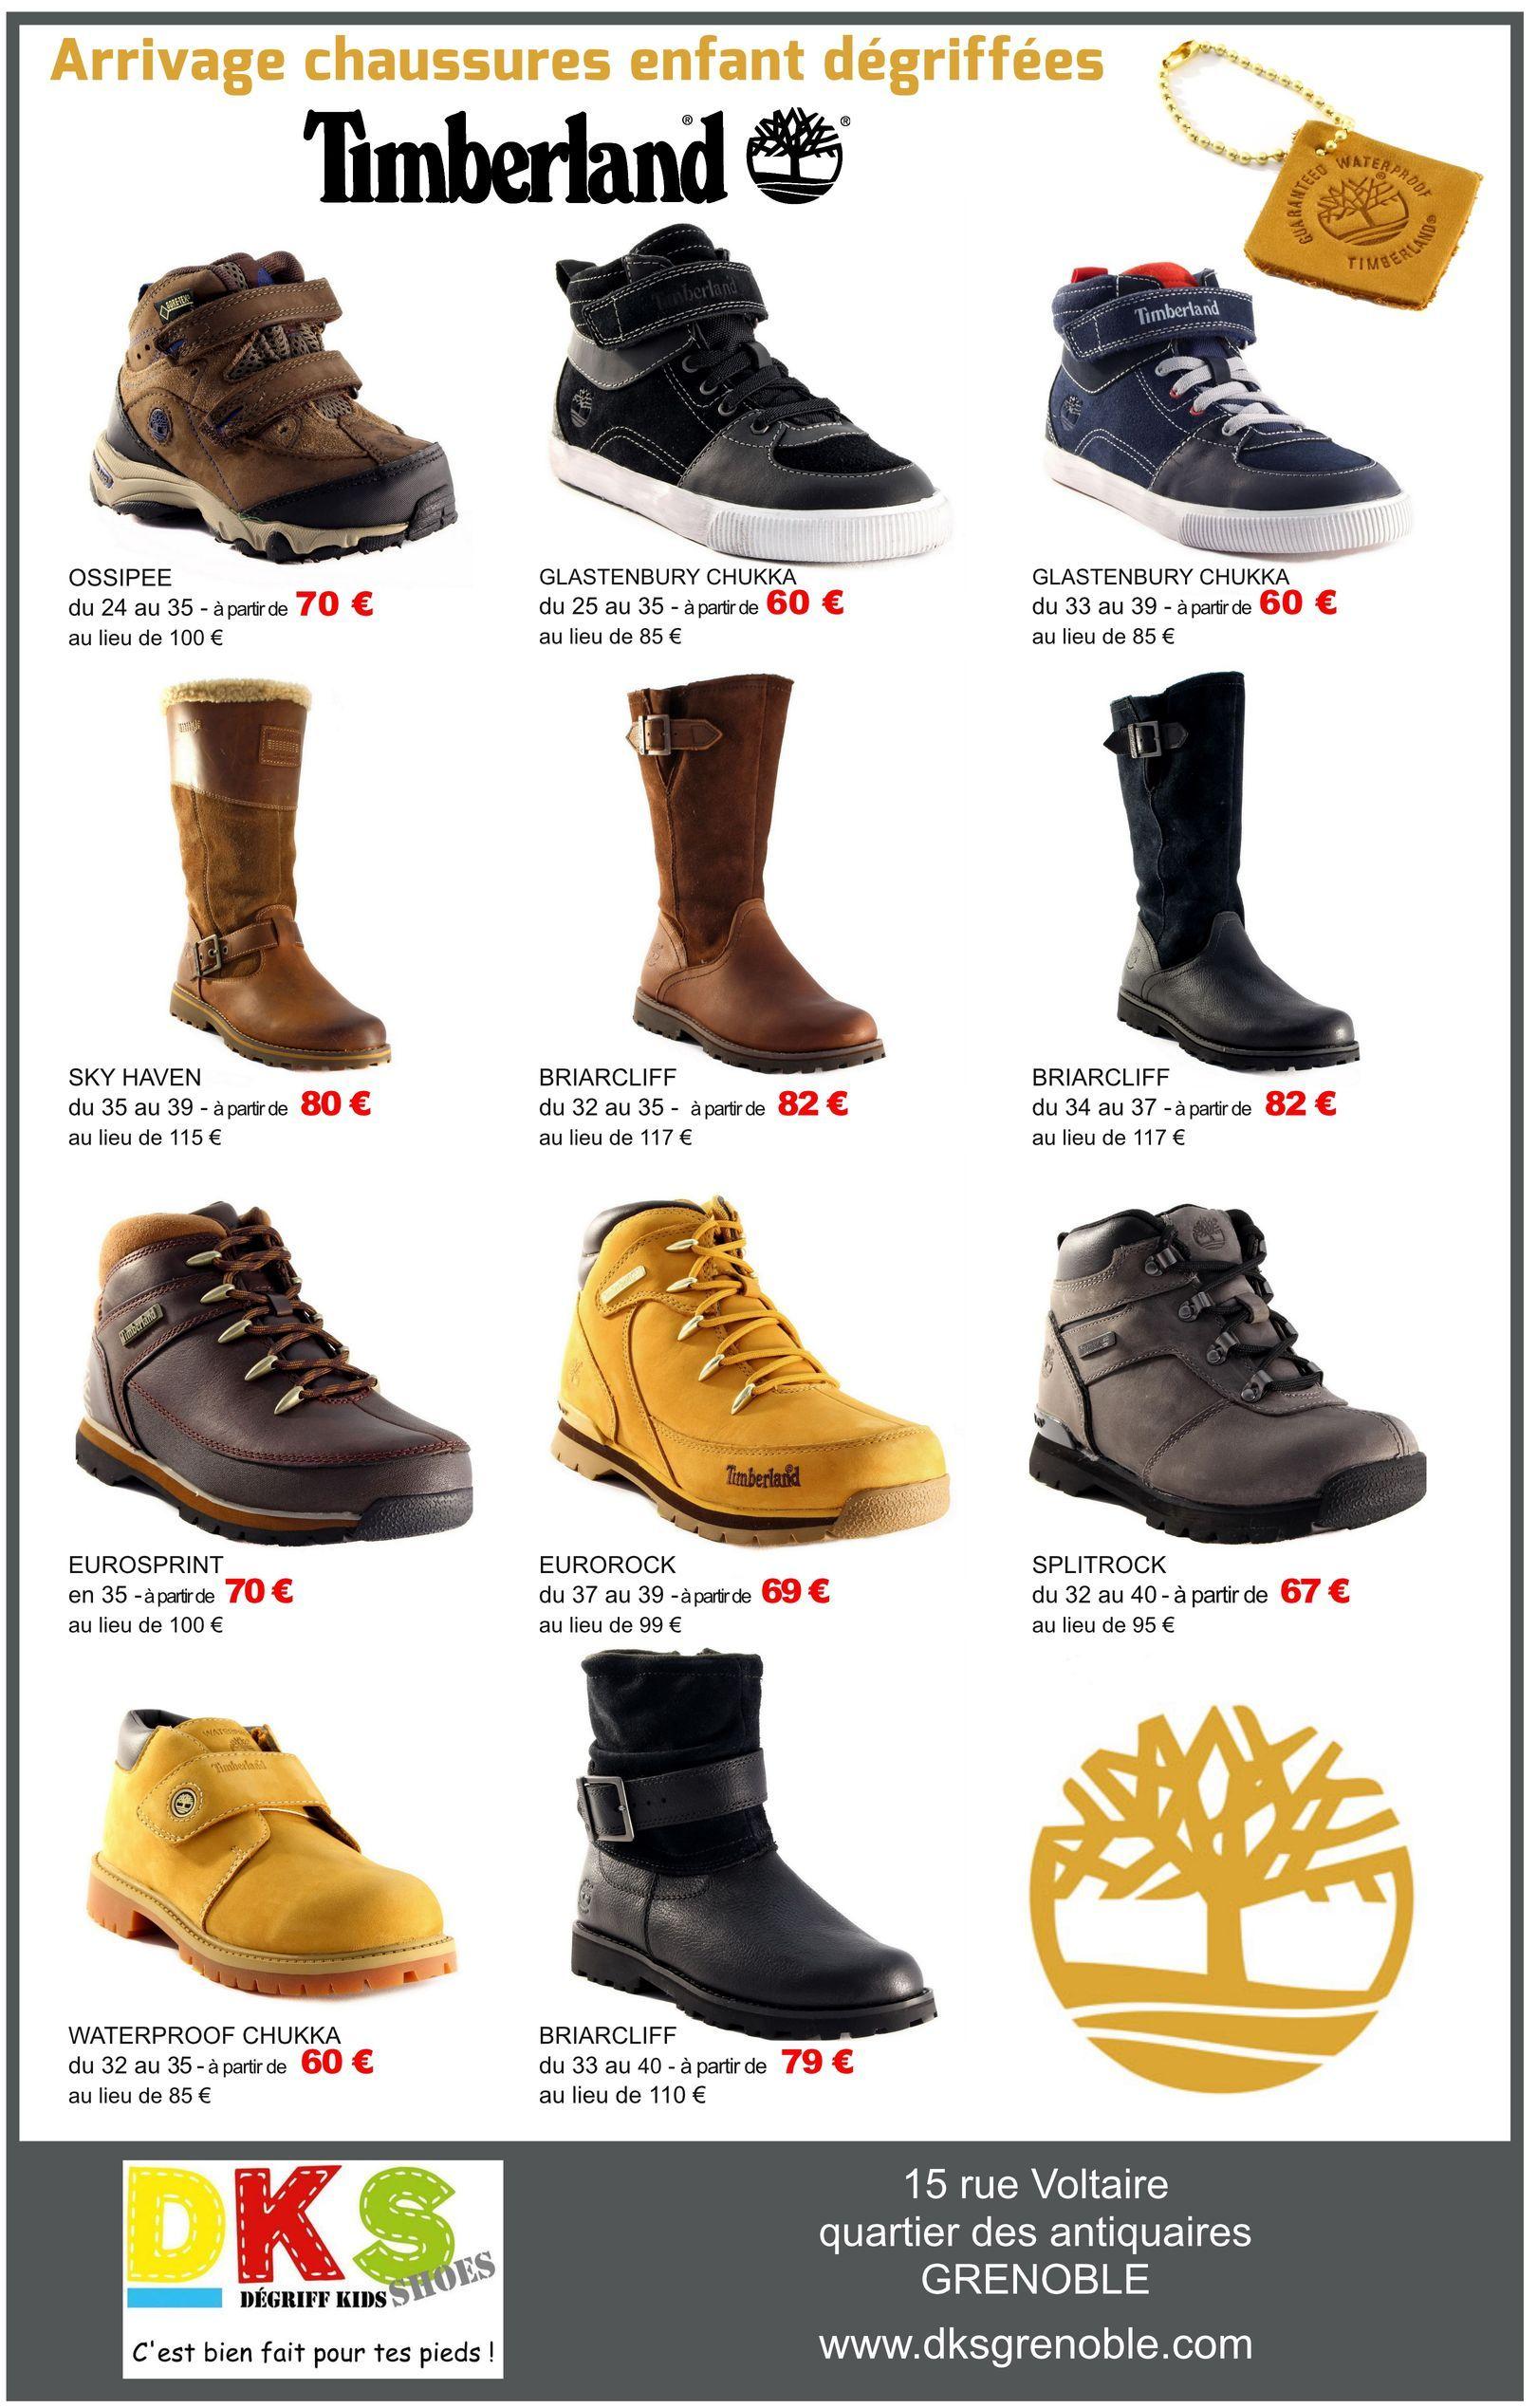 Épinglé sur DKS Chaussures